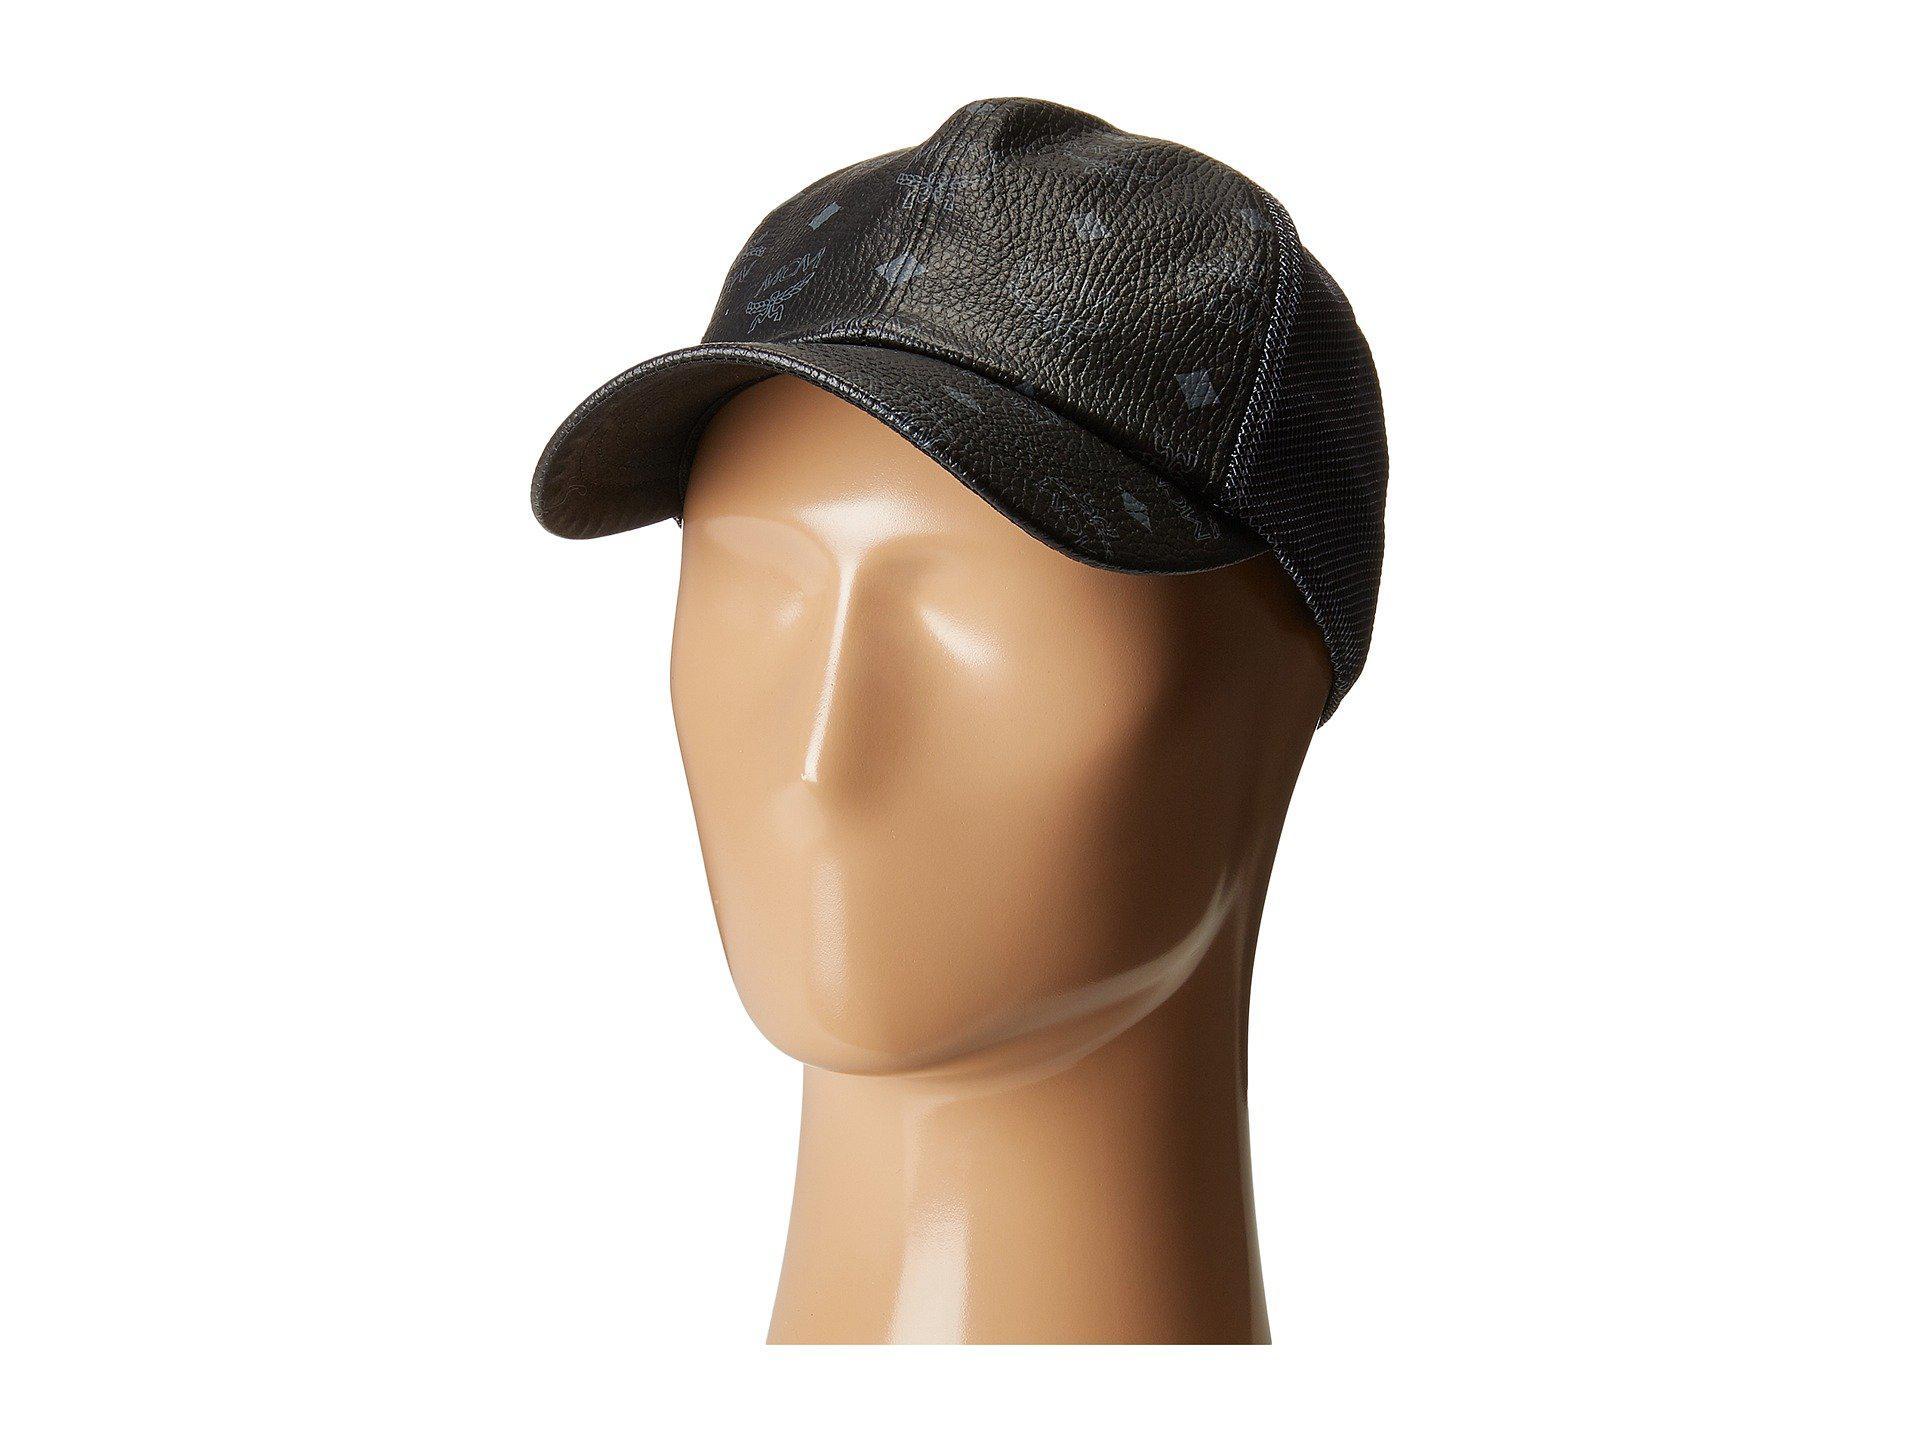 Lyst - Mcm Visetos Mesh Cap (black 1) Caps in Black for Men cac4a787c22f